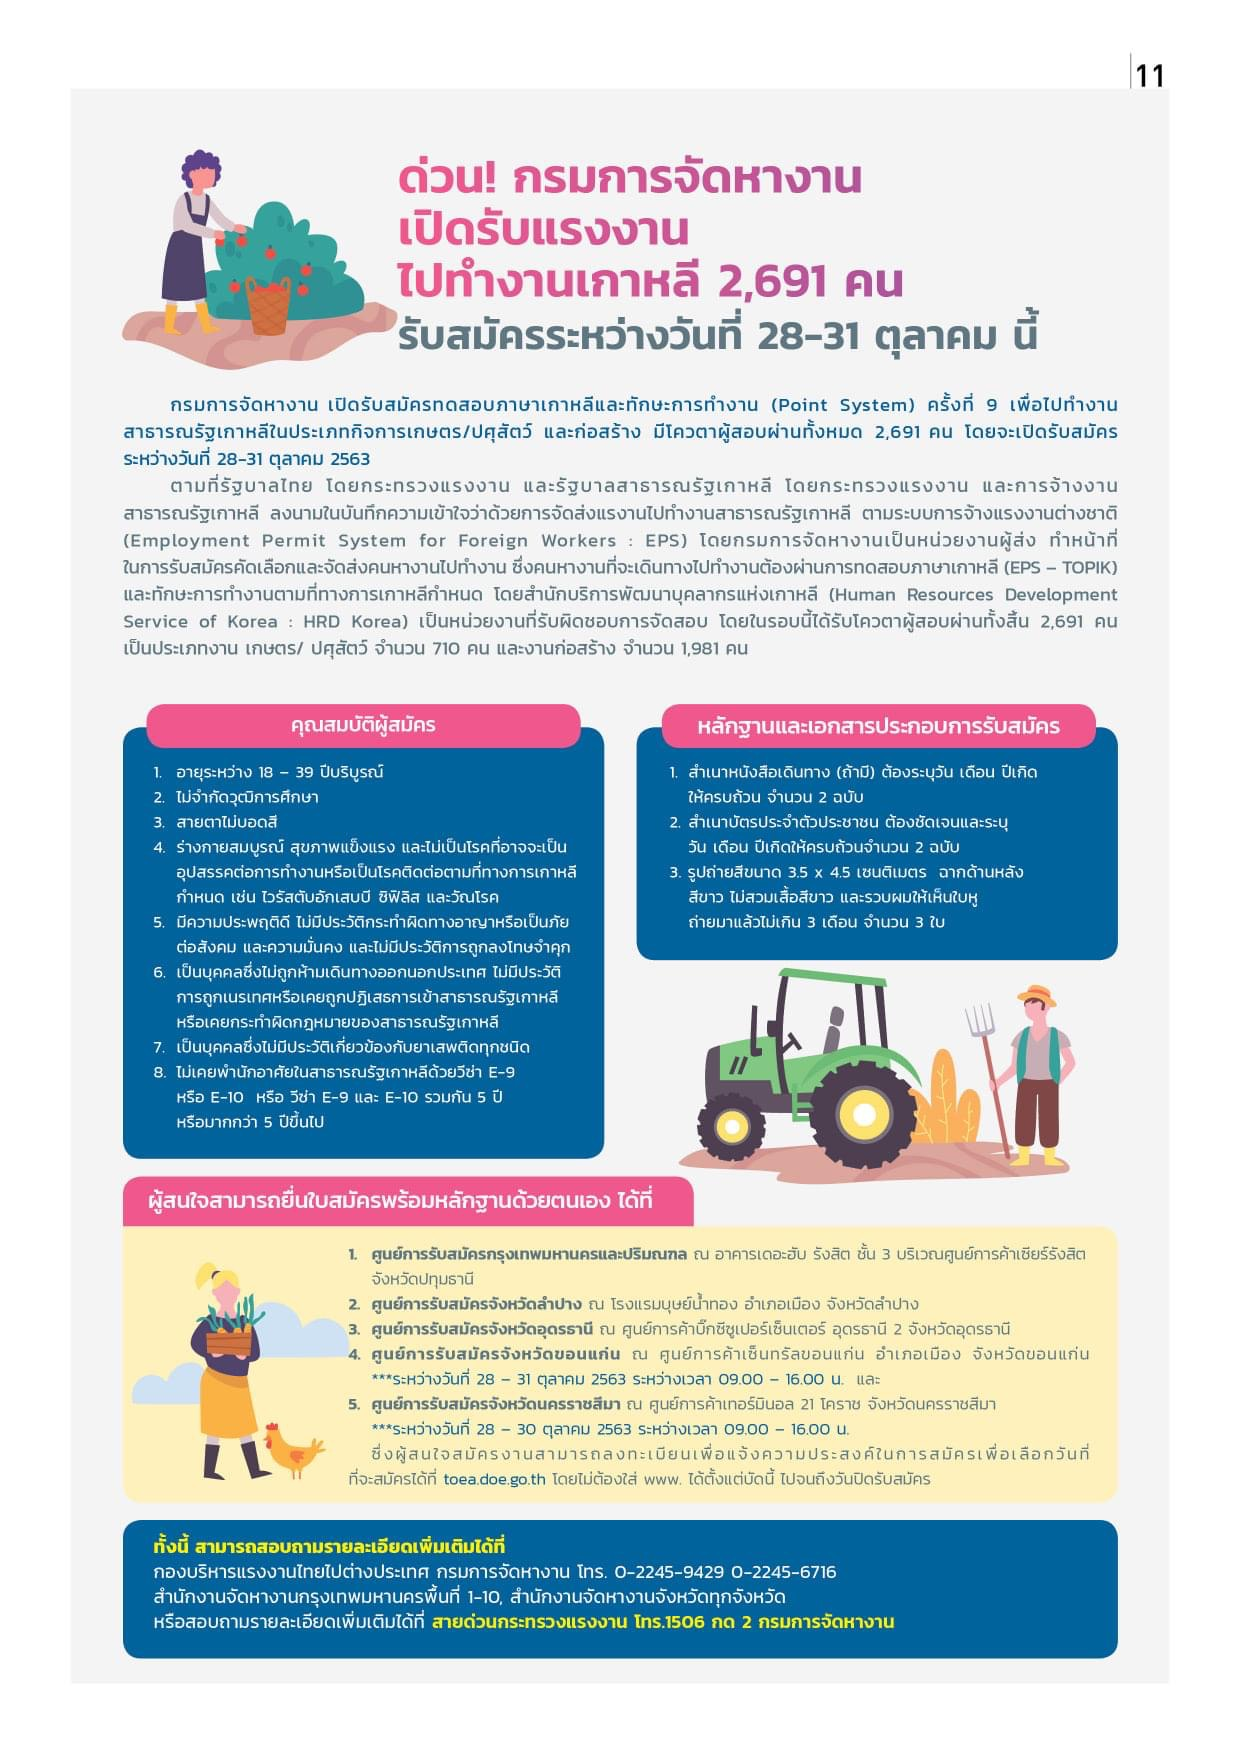 ด่วน! กรมการจัดหางาน เปิดรับแรงงานไปทำงานเกาหลี 2,691 คน รับสมัครระหว่างวันที่ 28-31 ตุลาคม นี้